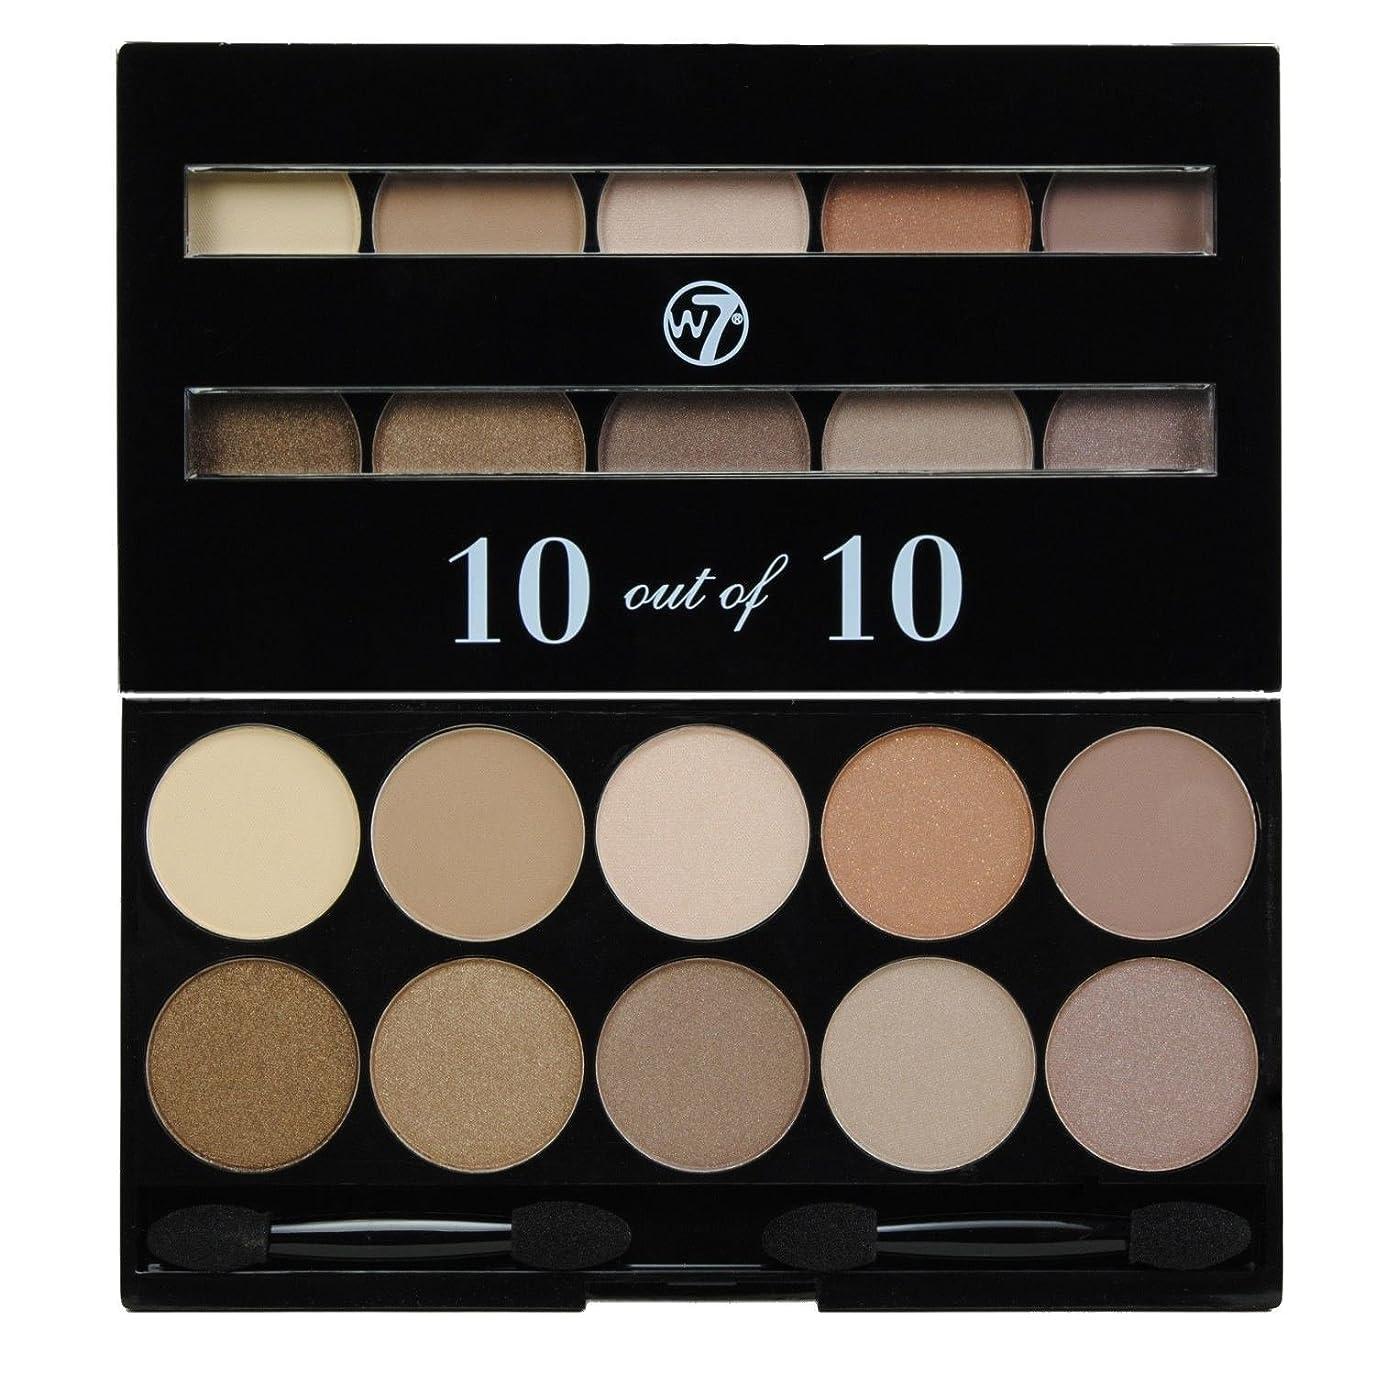 所有者駐地部屋を掃除する(6 Pack) W7 Perfect 10 out of 10 Eyeshadow Palette - Browns (並行輸入品)